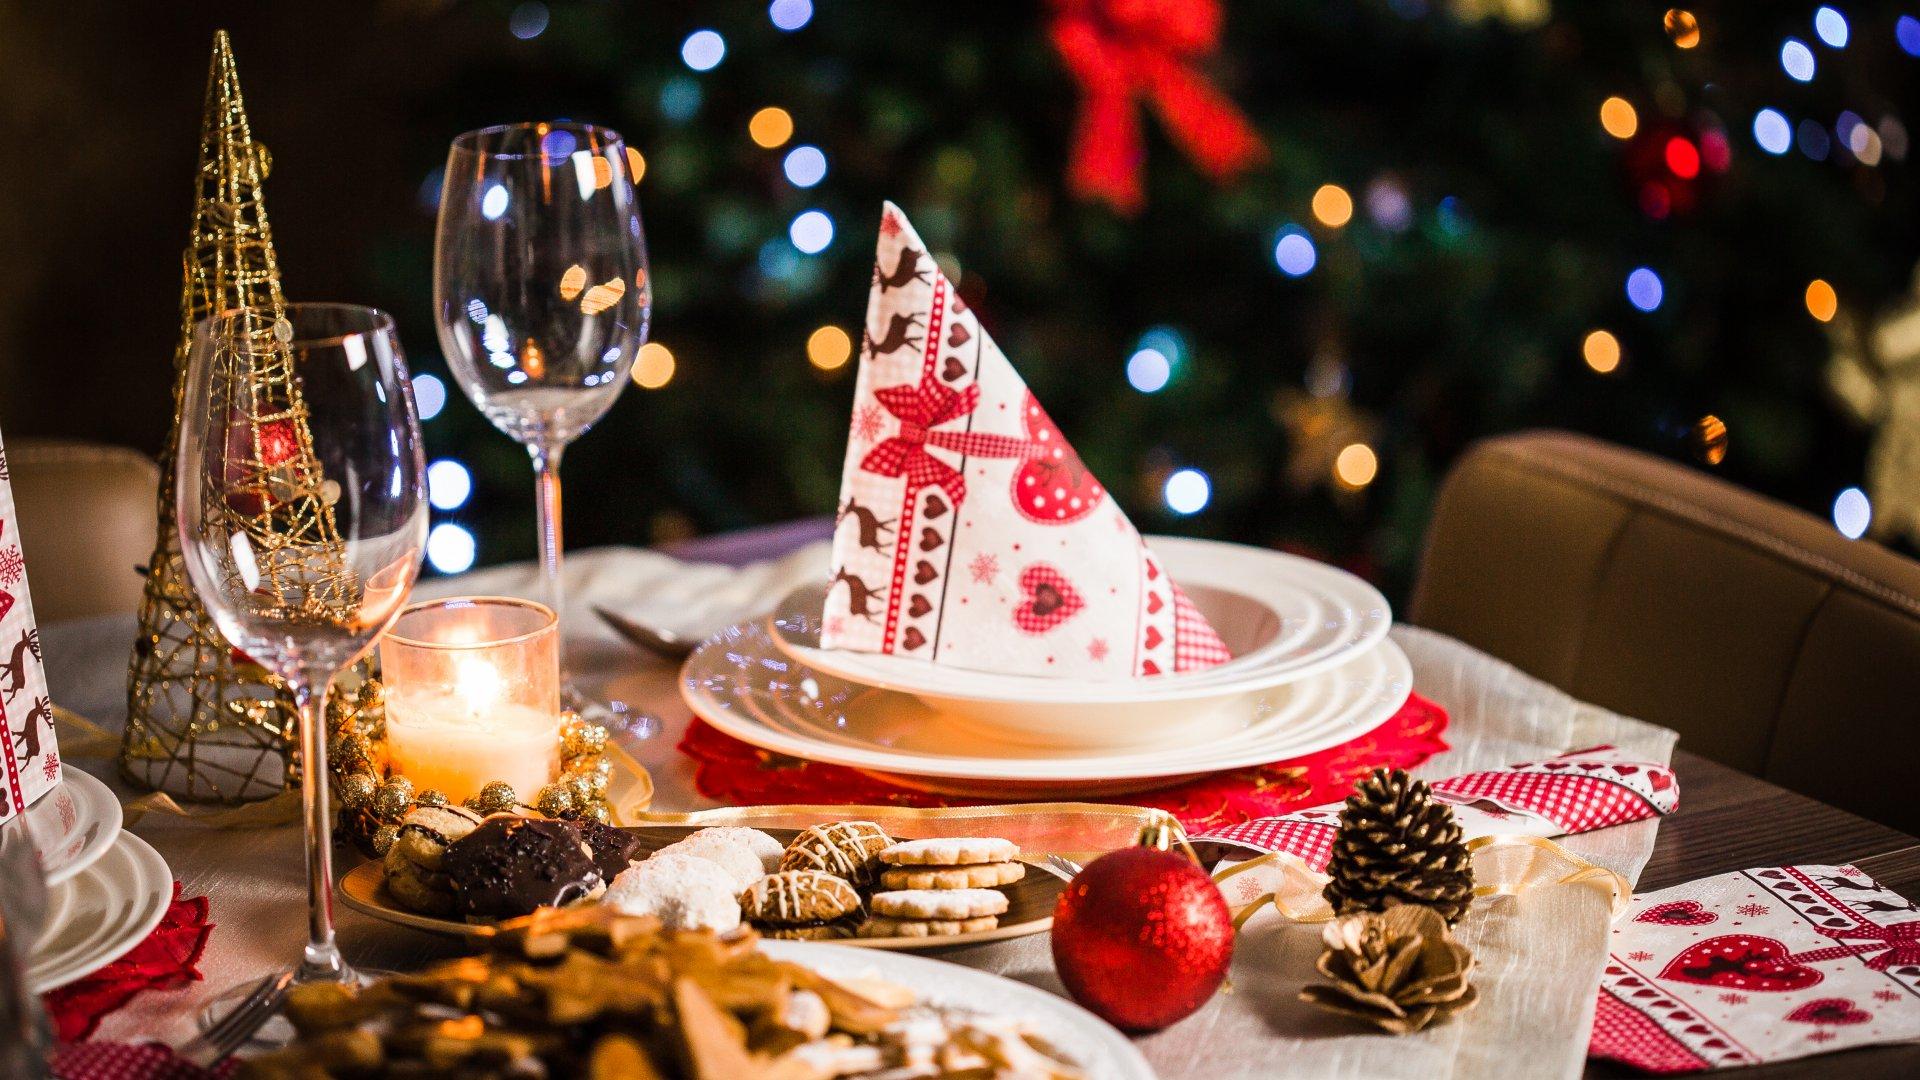 Megterített karácsonyi asztal